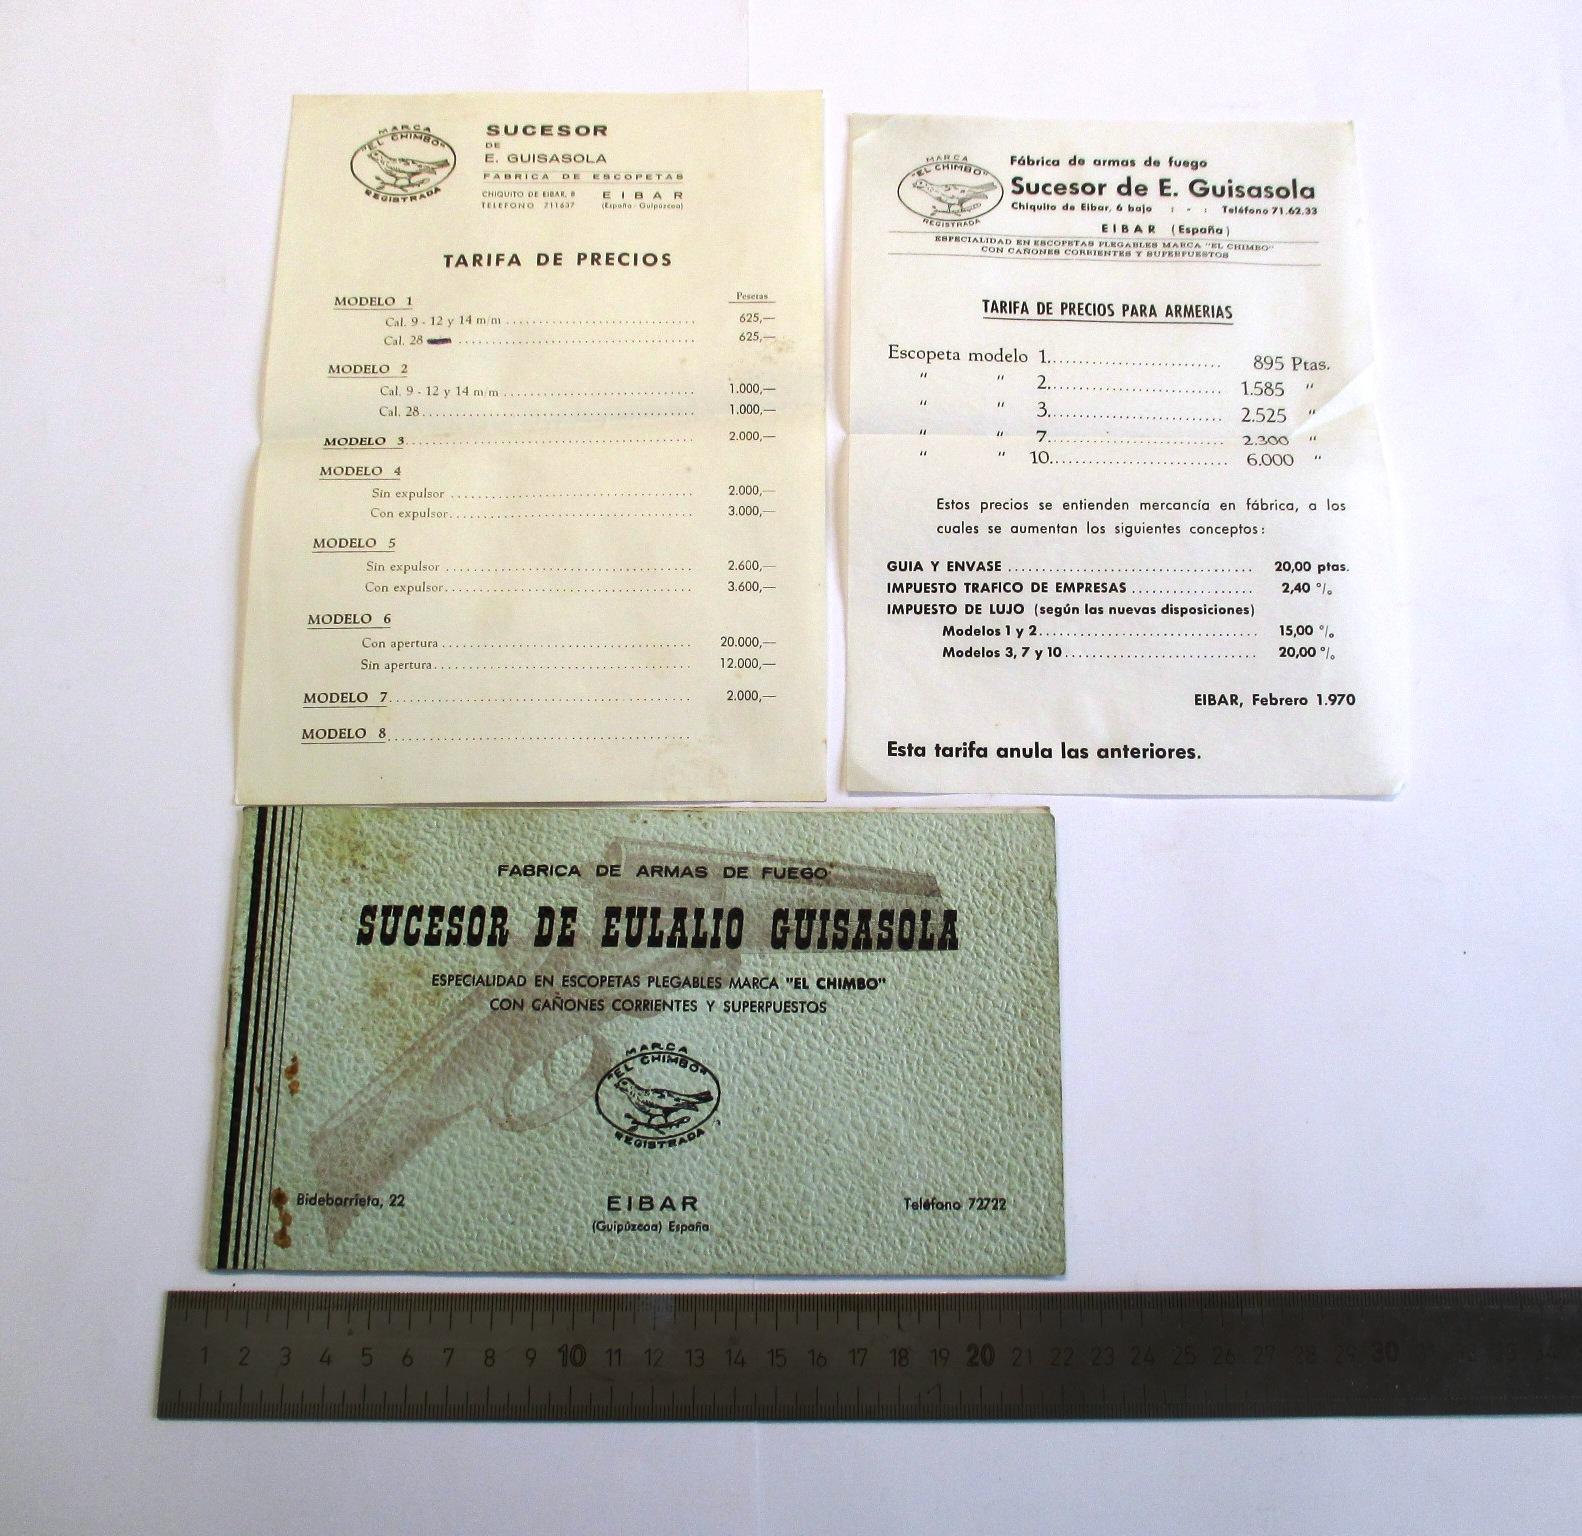 """Catálogo de escopetas marca """"El Chimbo"""" sucesor de Eulalio Guisasola, y lista de precios para armerías."""